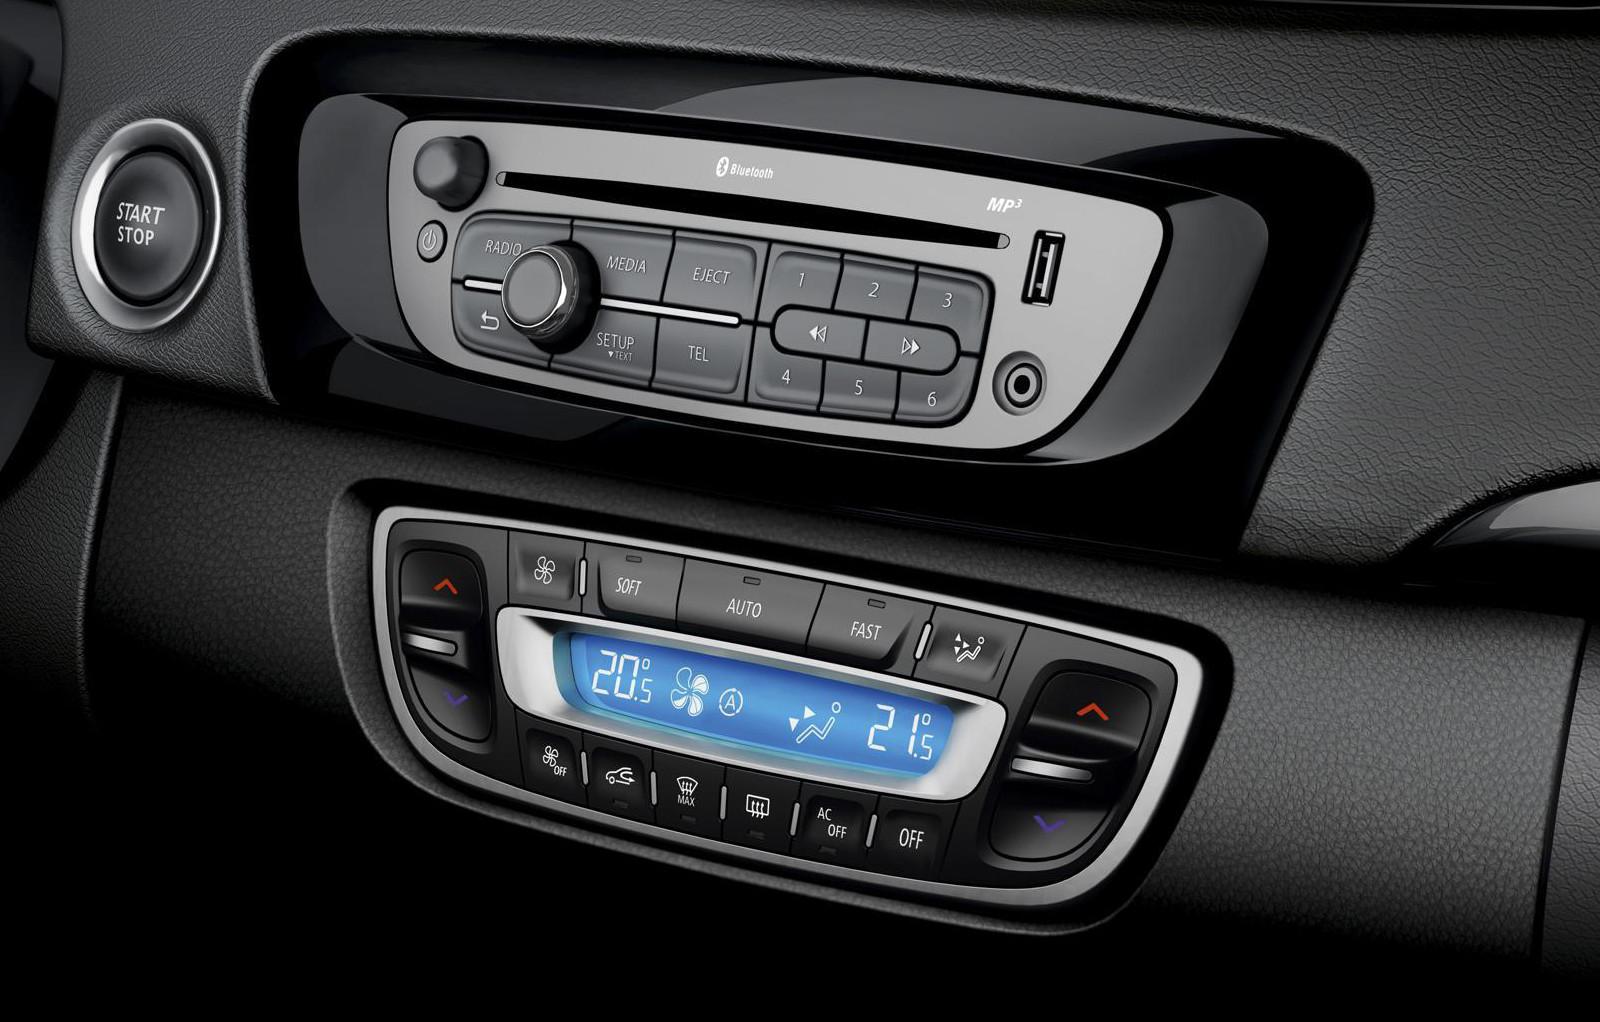 Cuanto cuesta ponerle aire acondicionado a un carro for Cuanto cuesta poner aire acondicionado